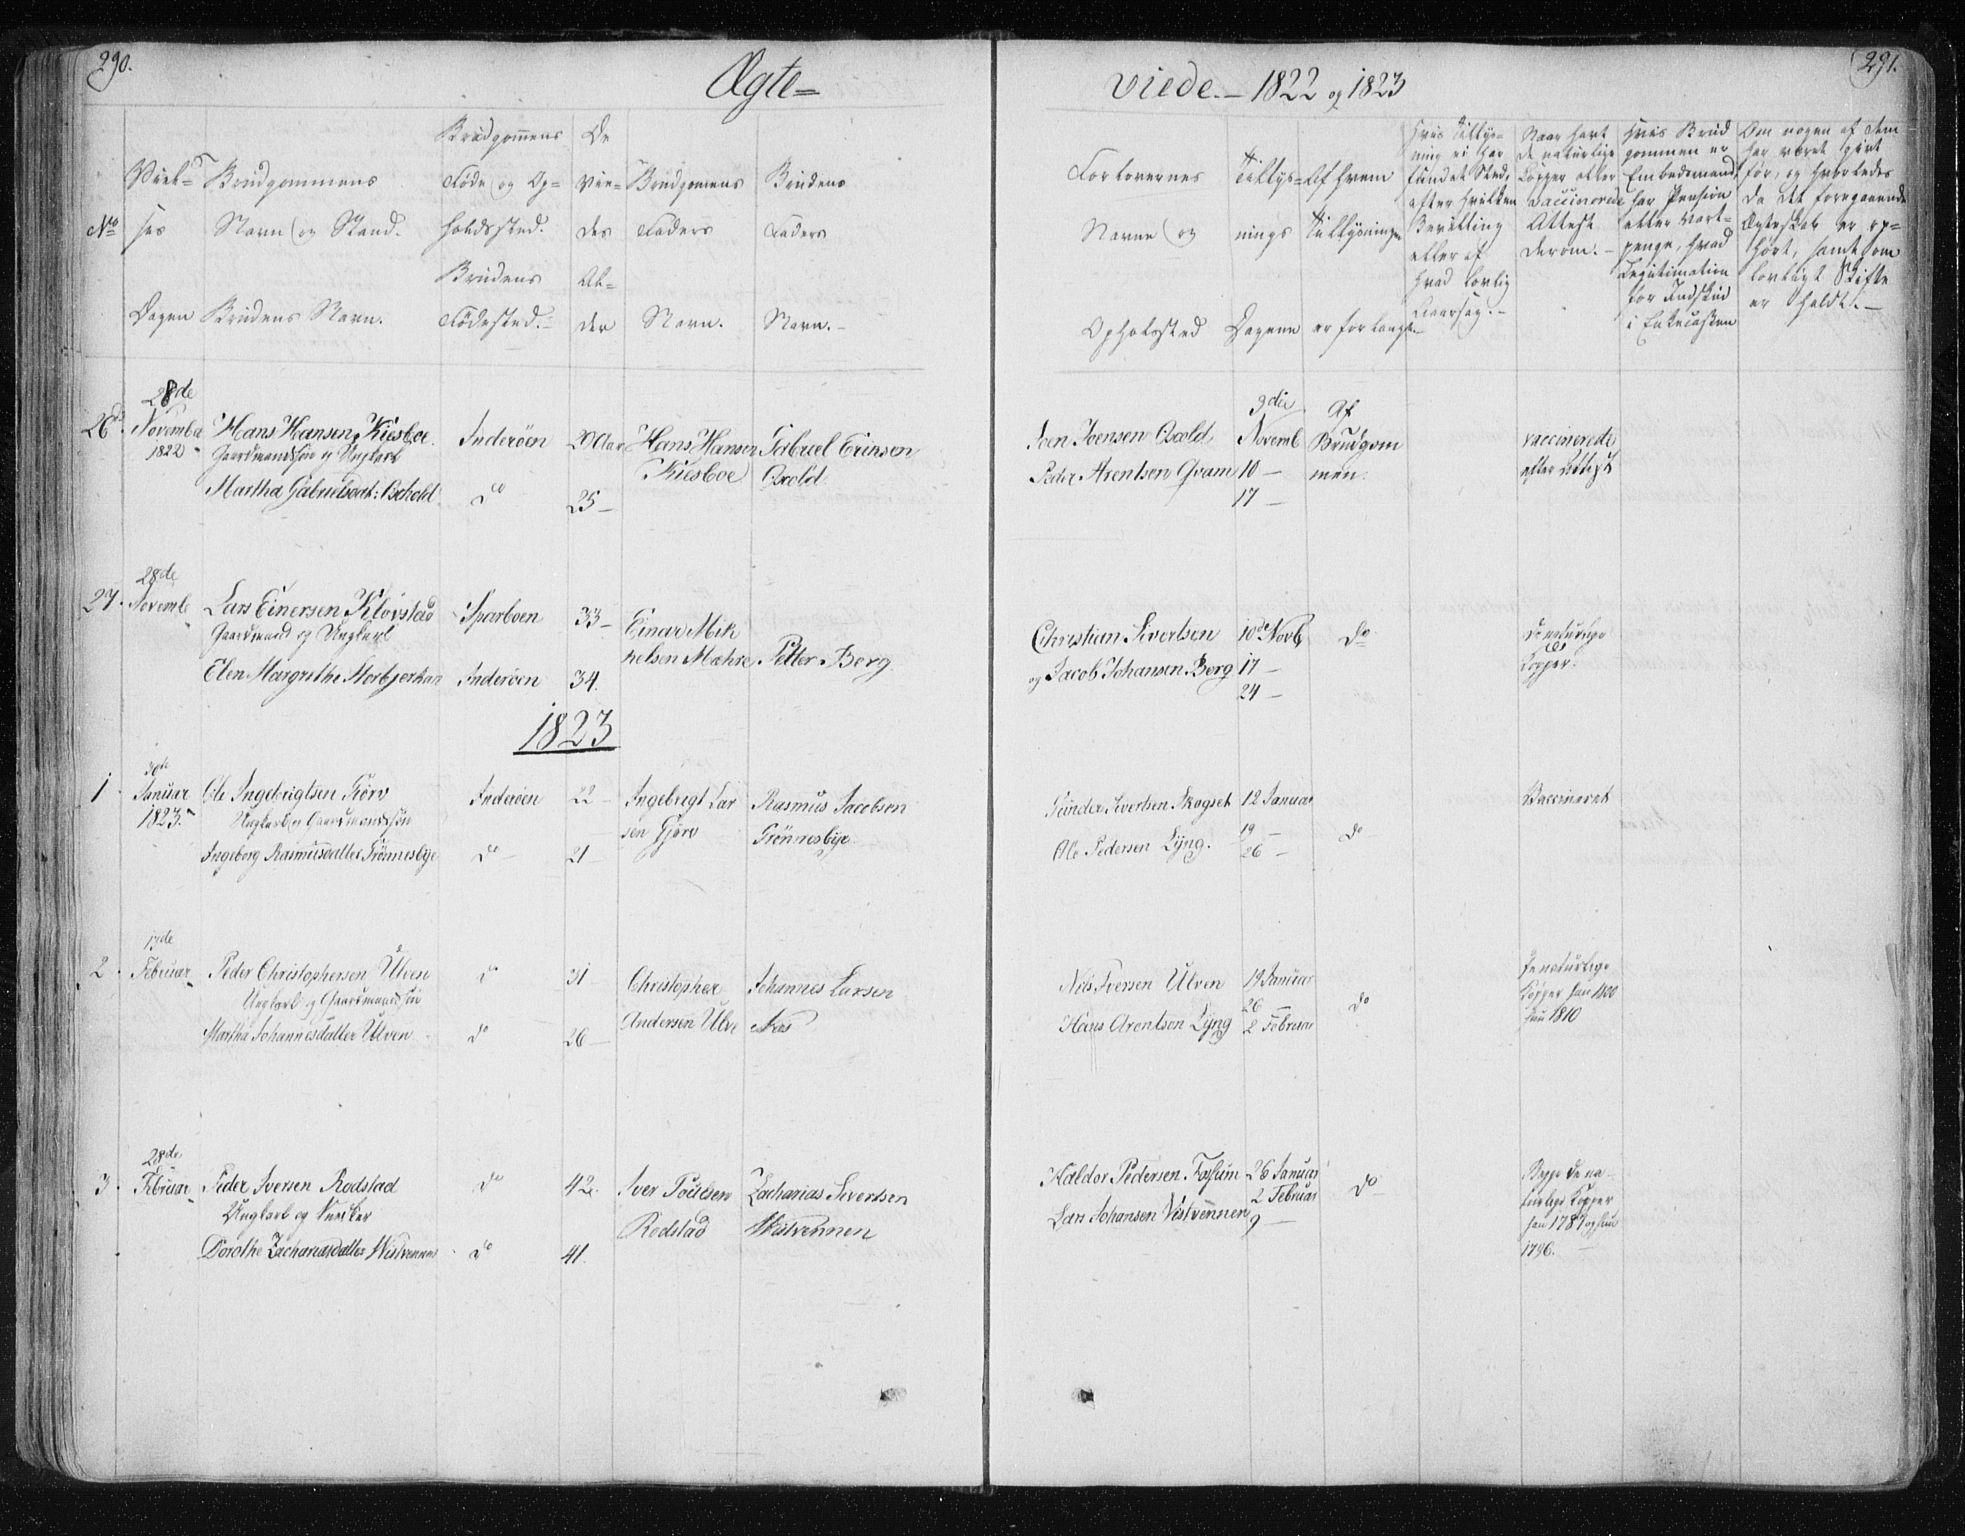 SAT, Ministerialprotokoller, klokkerbøker og fødselsregistre - Nord-Trøndelag, 730/L0276: Ministerialbok nr. 730A05, 1822-1830, s. 290-291